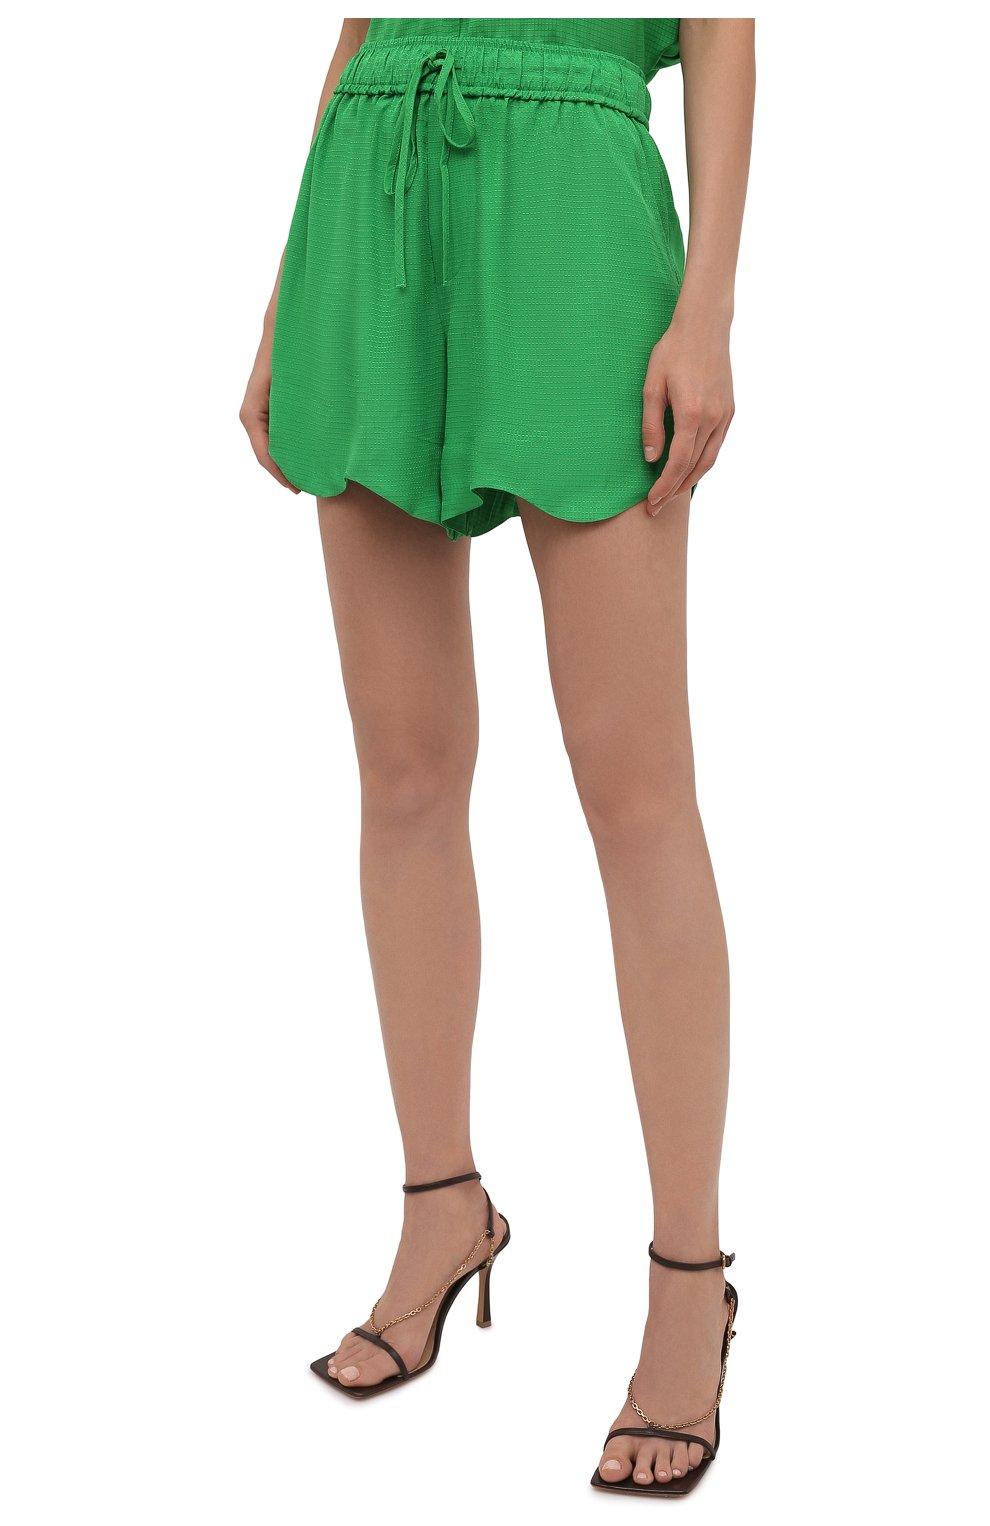 Женские шорты из вискозы GANNI зеленого цвета, арт. F6118 | Фото 3 (Женское Кросс-КТ: Шорты-одежда; Длина Ж (юбки, платья, шорты): Мини; Материал внешний: Вискоза; Стили: Романтичный)